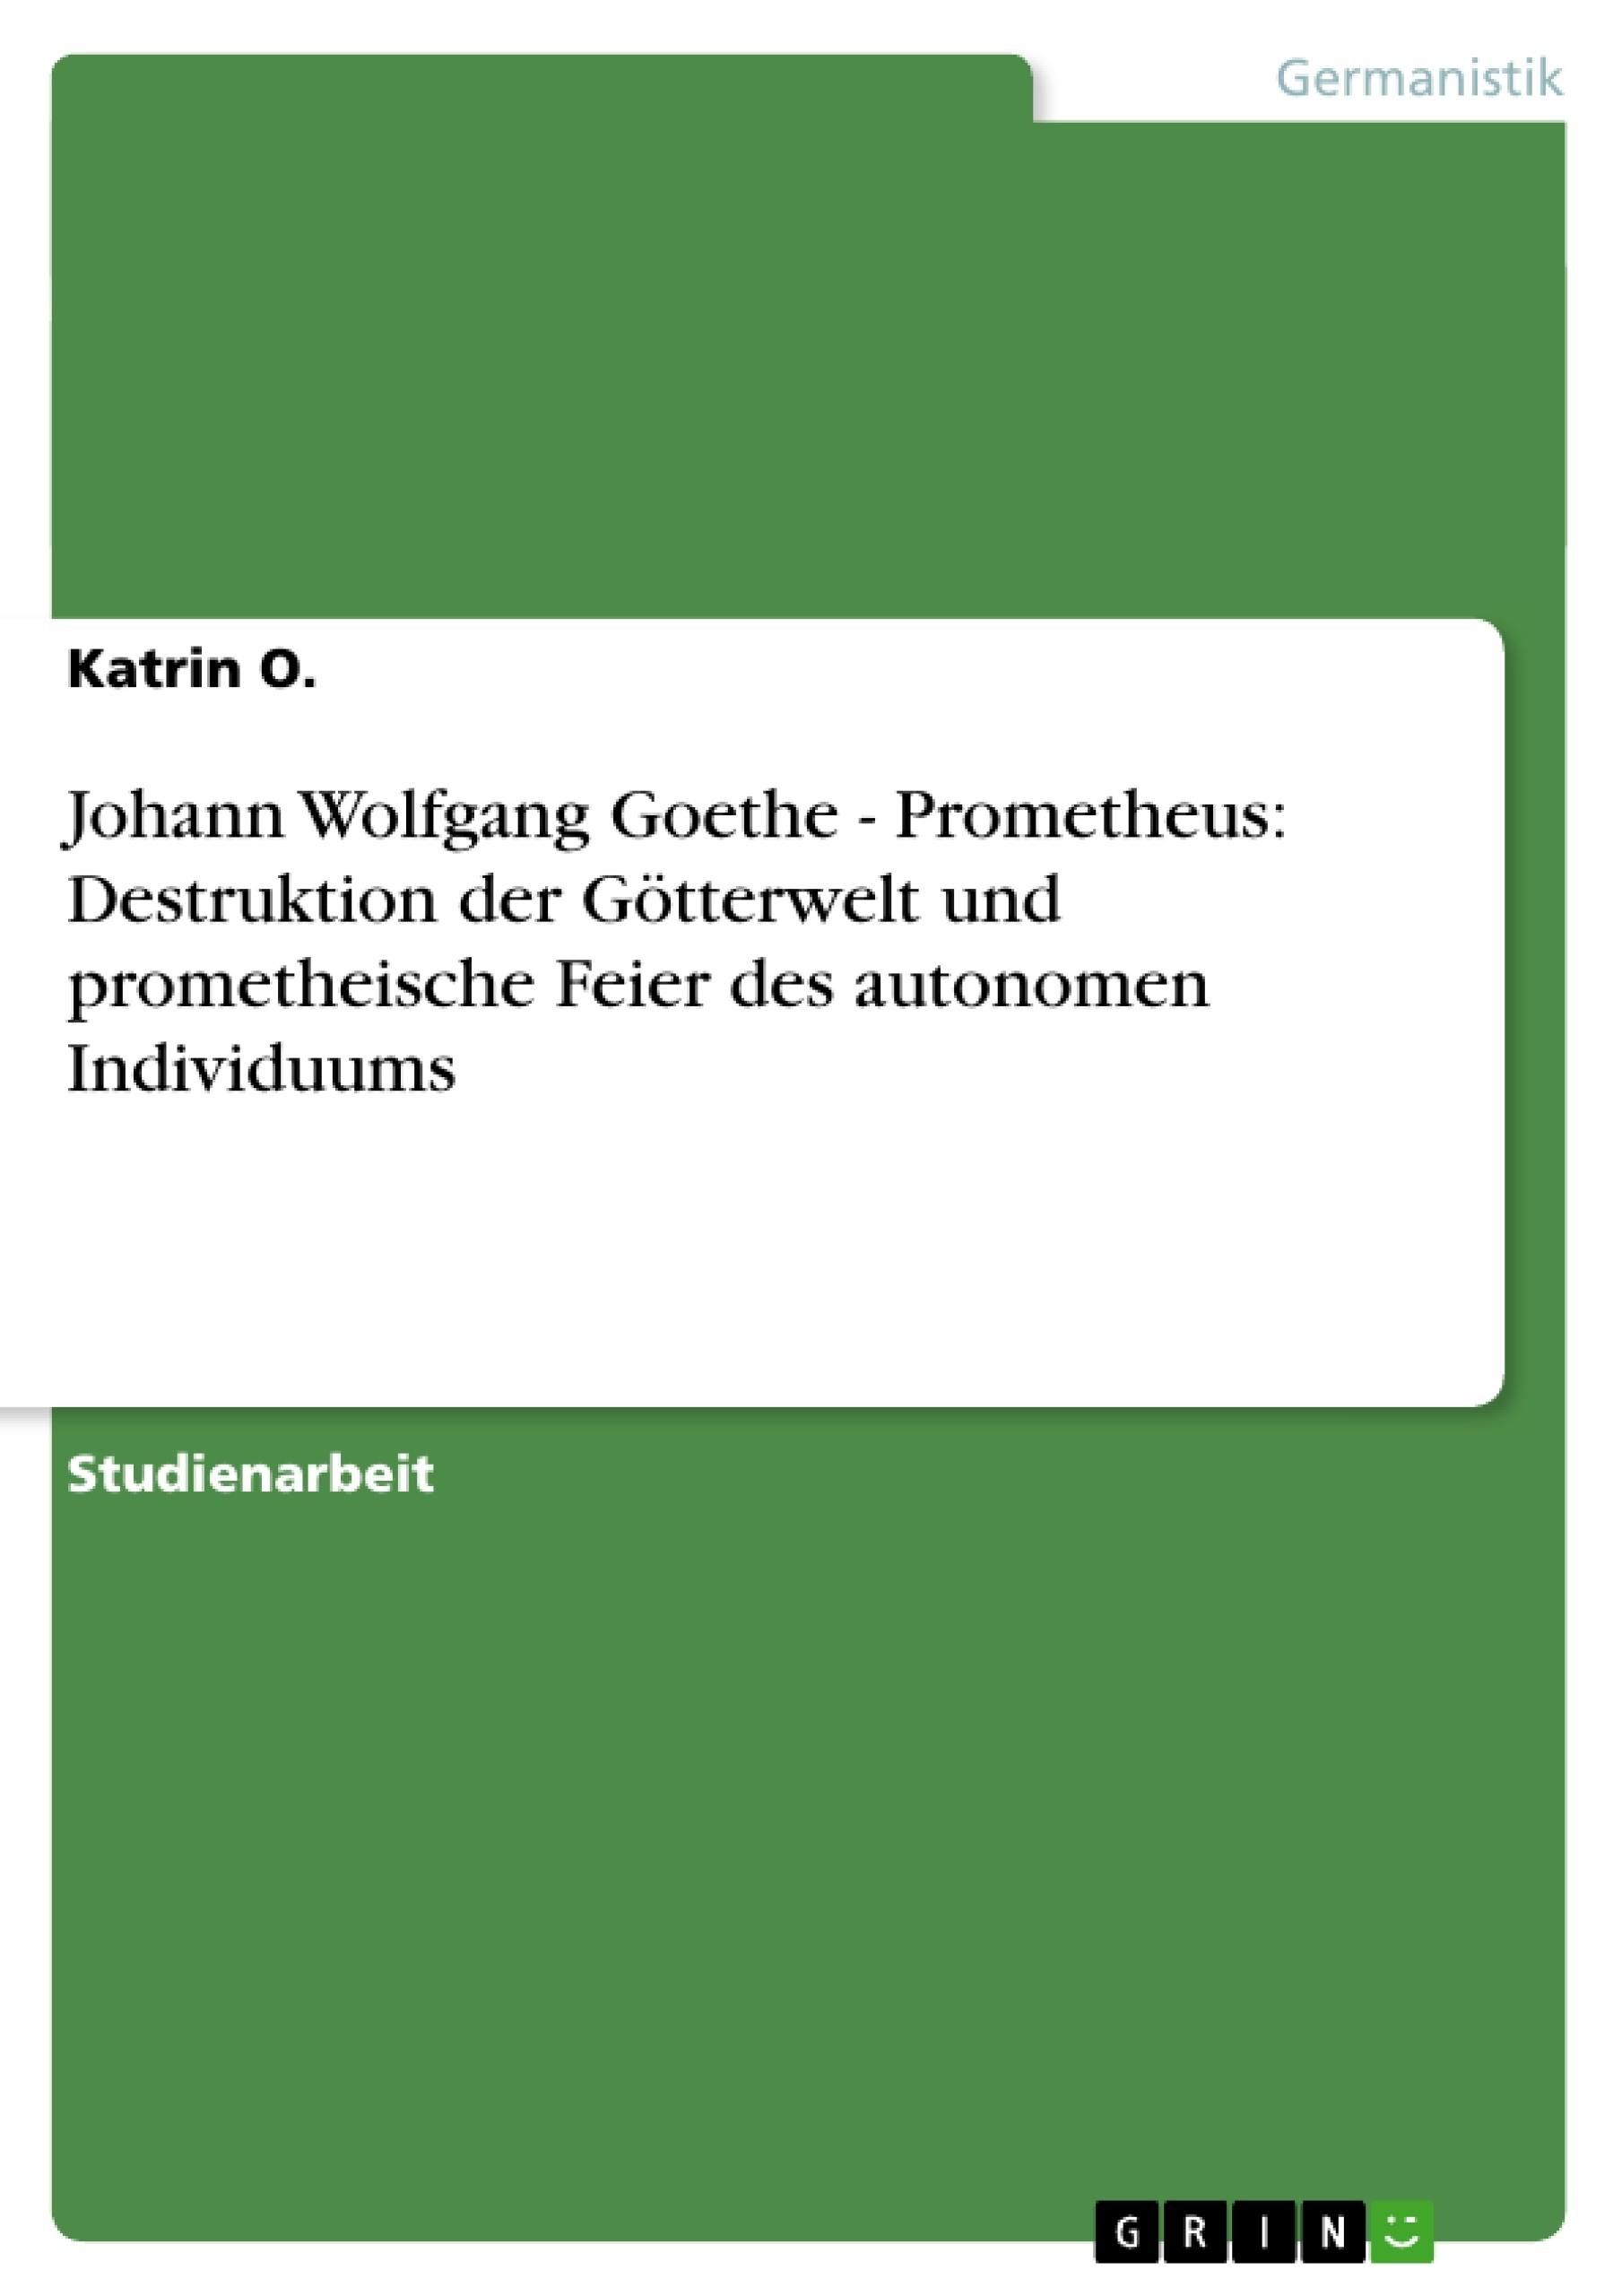 Titel: Johann Wolfgang Goethe - Prometheus: Destruktion der Götterwelt und prometheische Feier des autonomen Individuums